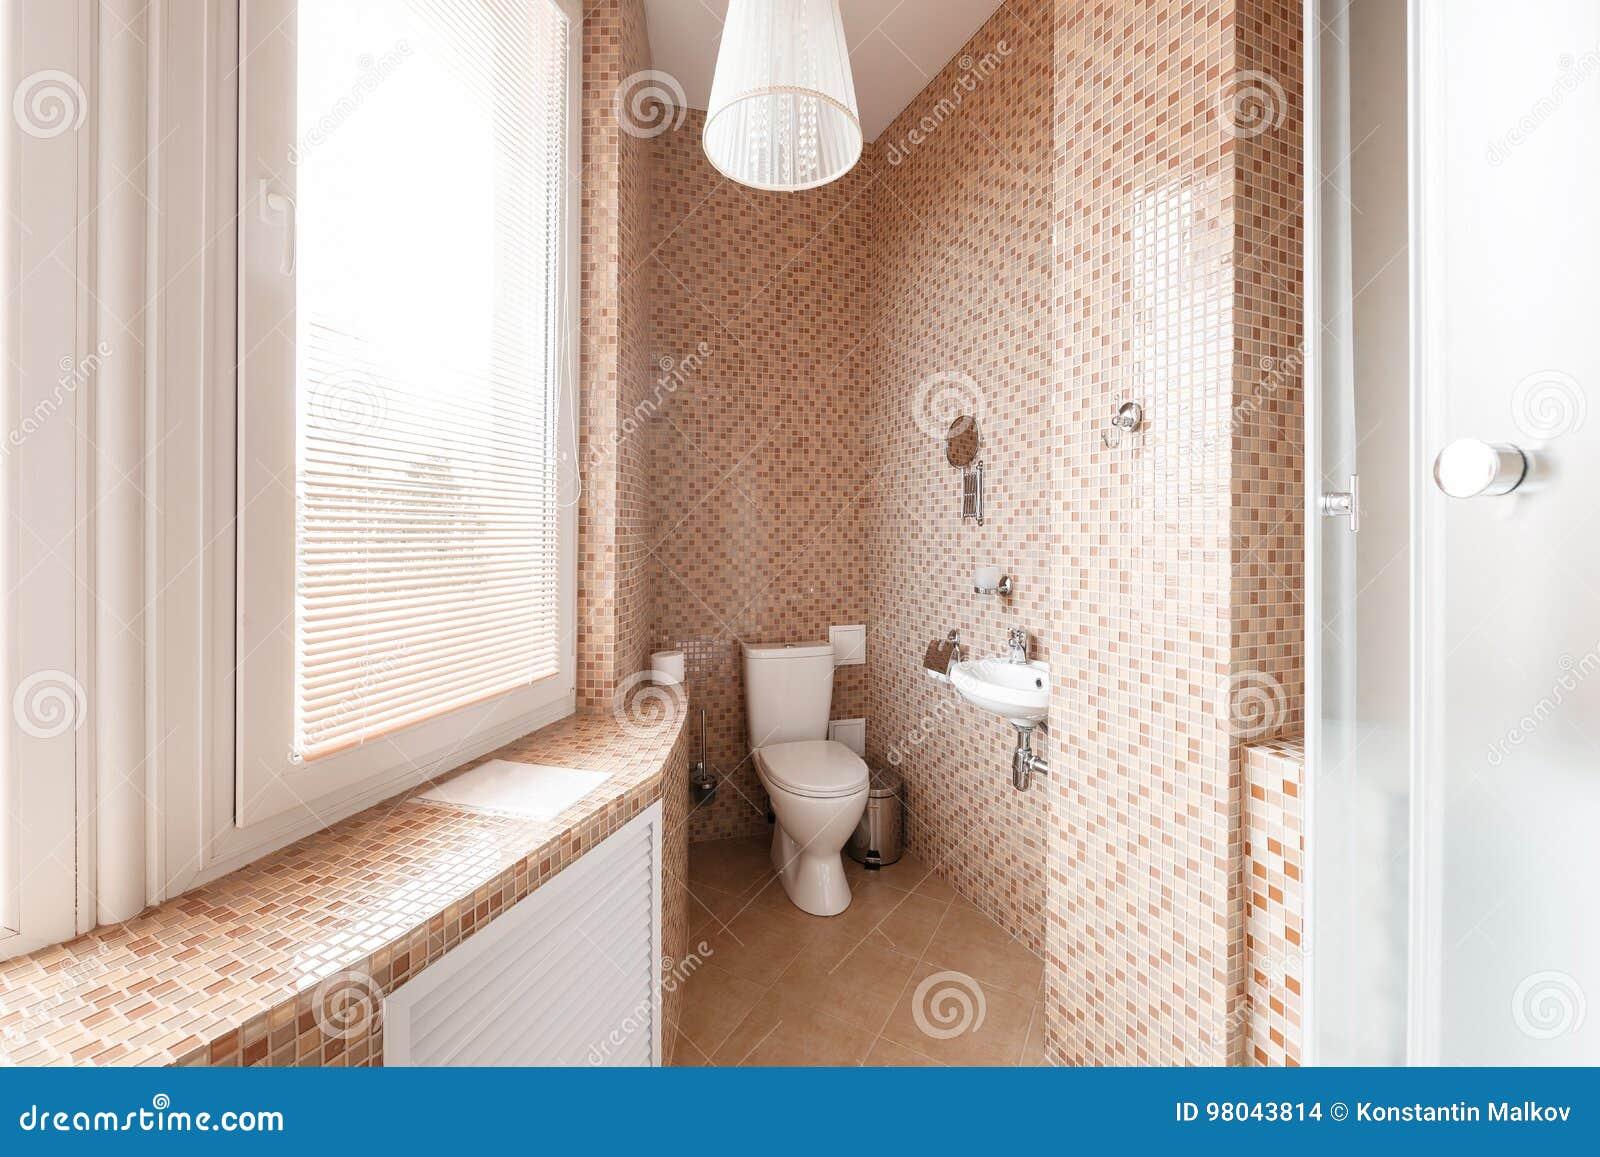 Modernes Luxusbadezimmer Mit Duschkabine Und Fenster Wiedergabe 3d